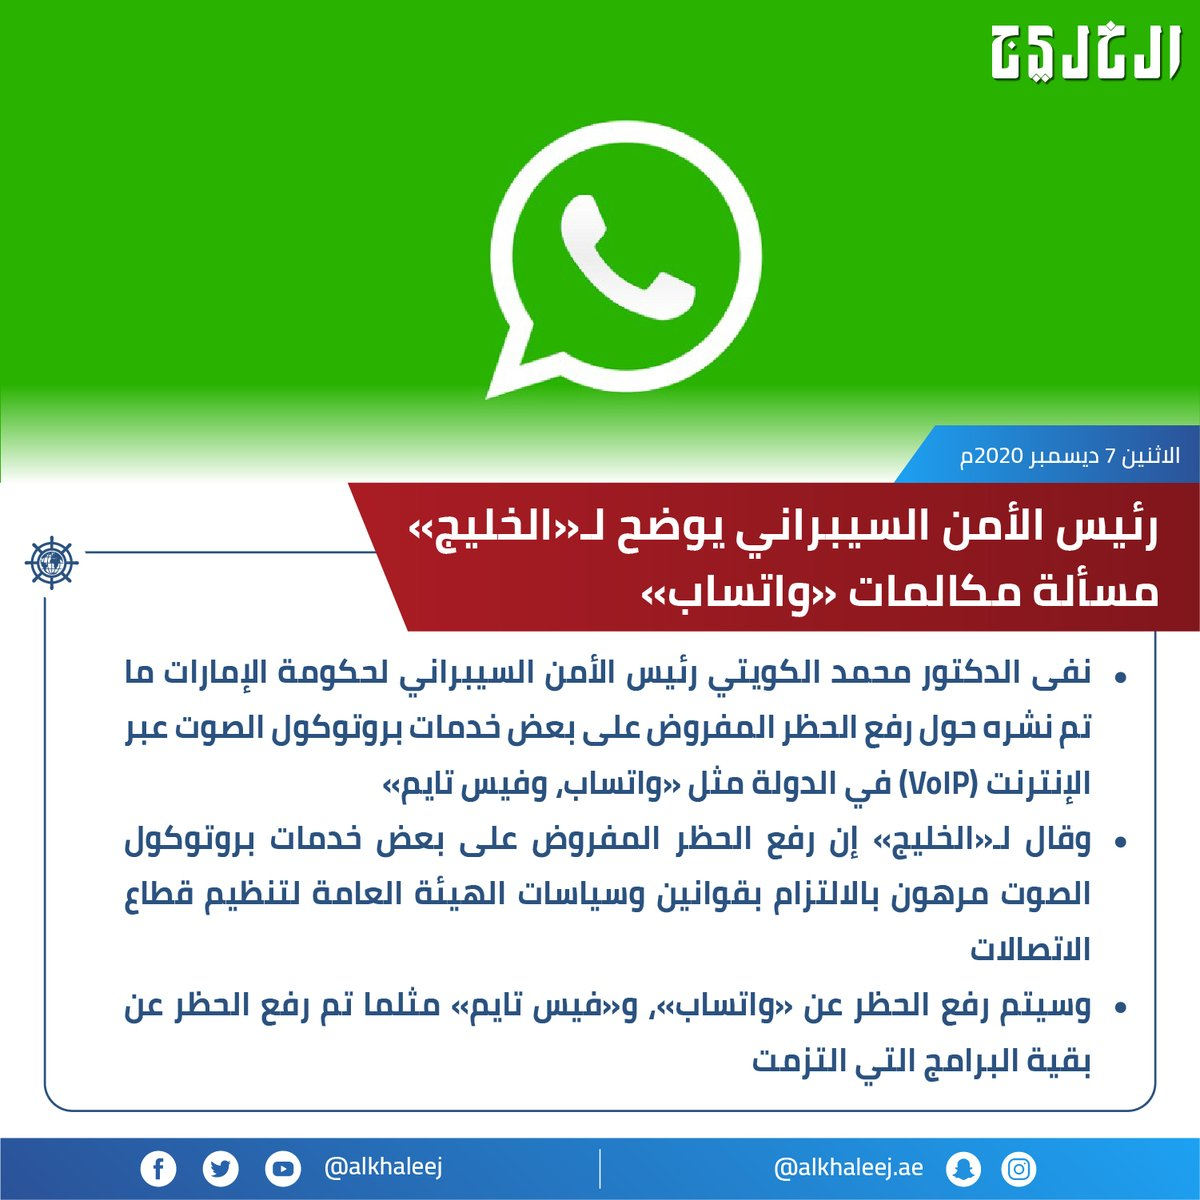 رئيس الأمن السيبراني يوضح لـ« الخليج» مسألة مكالمات « واتساب» صحيفة الخليج الخليج خمسون عاماً